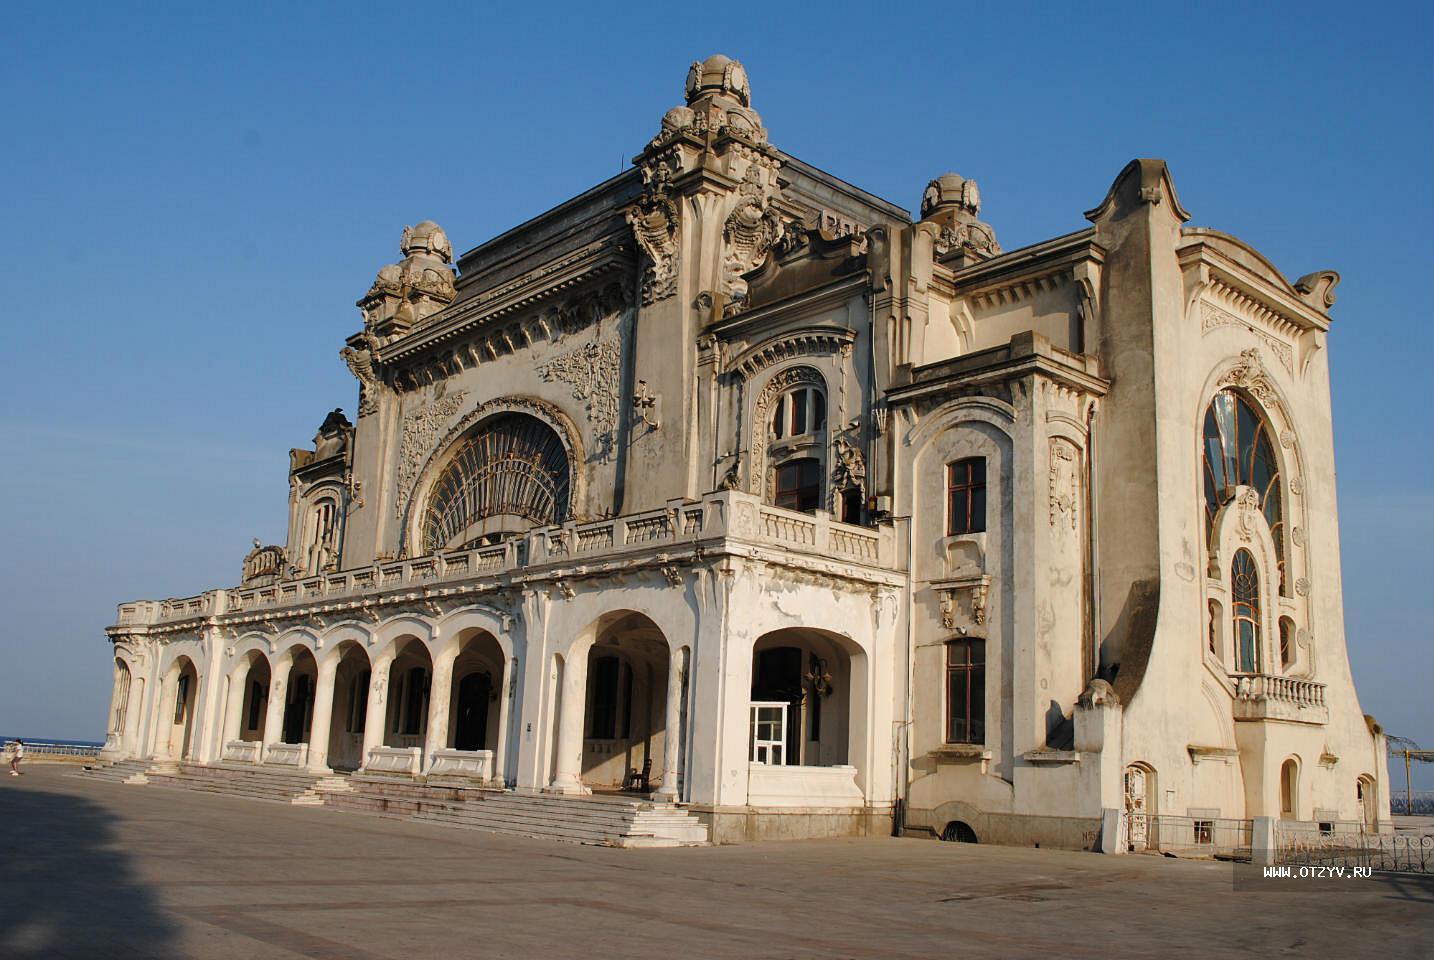 пункта приема фото города констанца румыния галерее представлены